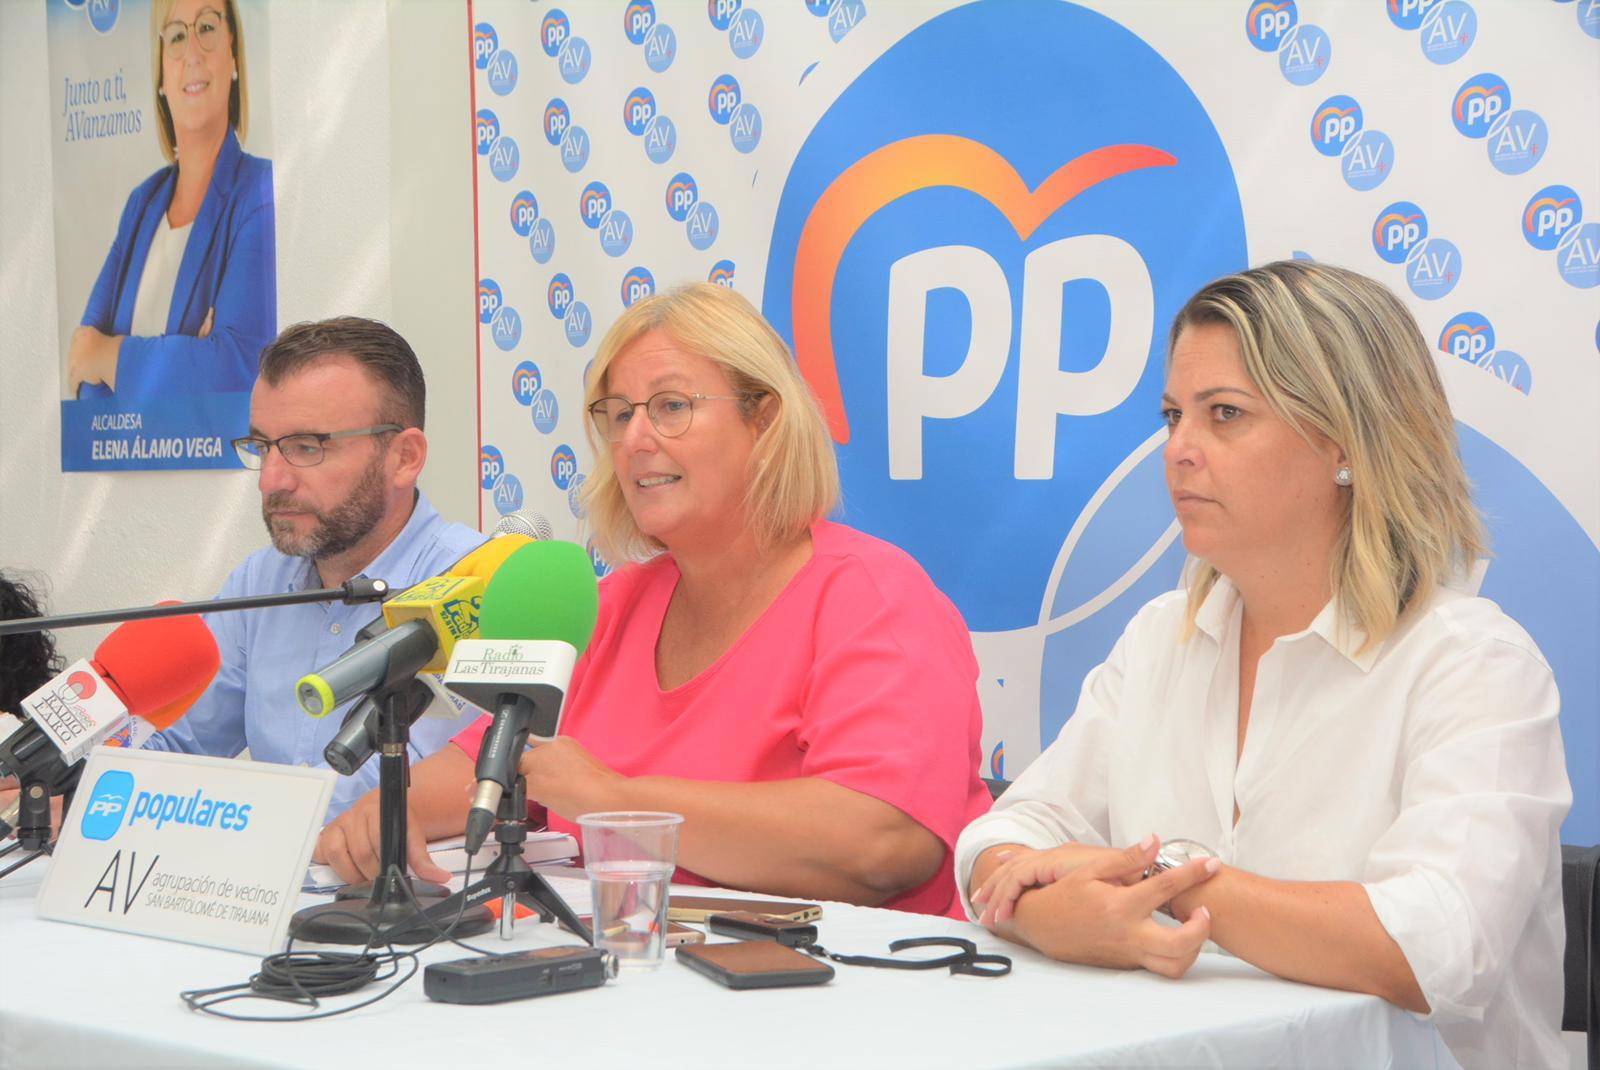 Agrupación de Vecinos PP-AV, San Bartolomé de Tirajana